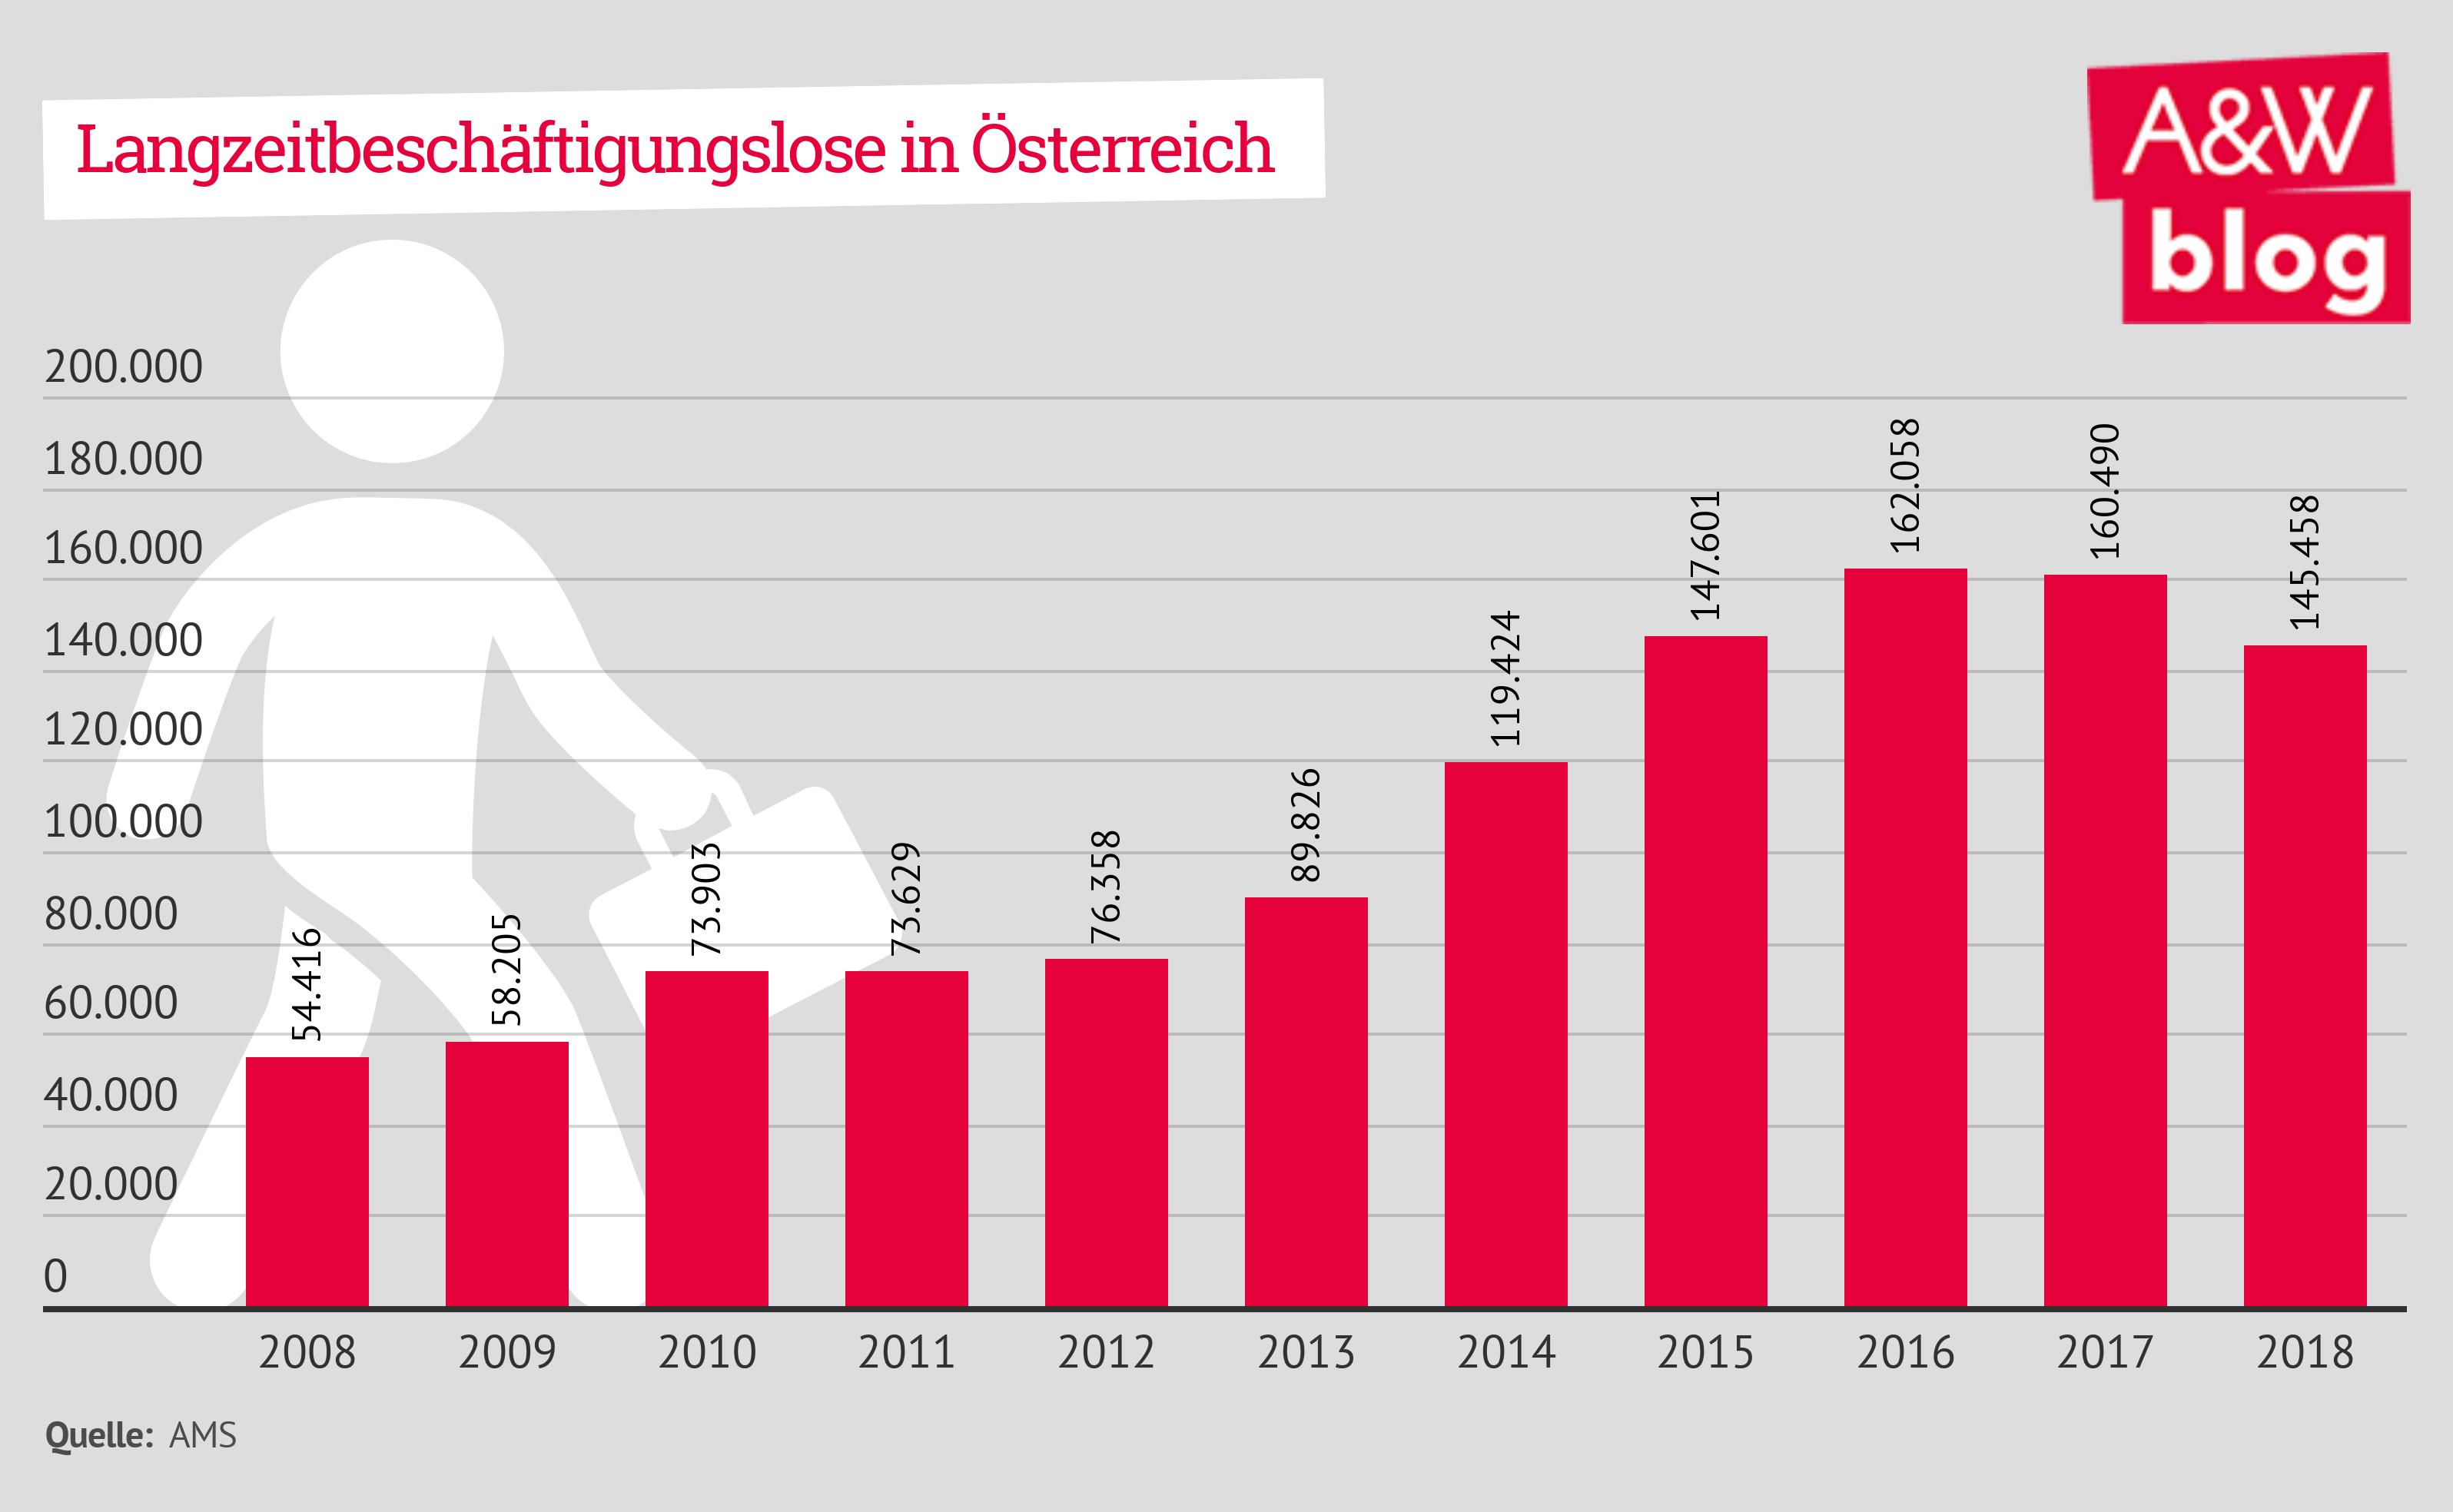 Langzeitbeschäftigungslose in Österreich